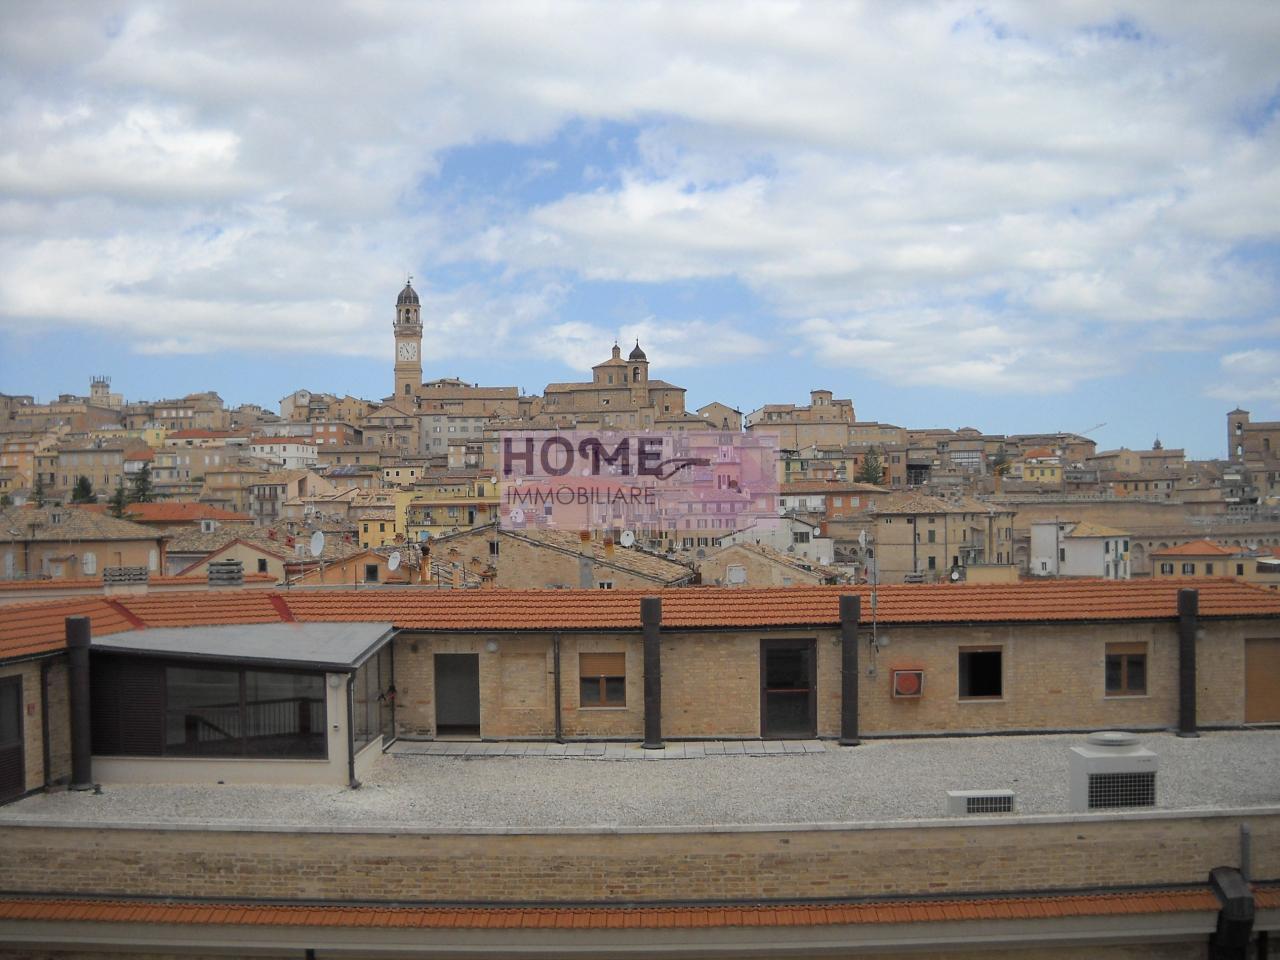 Appartamento in vendita a Macerata, 5 locali, zona Località: corsoCairoli, prezzo € 85.000 | Cambio Casa.it